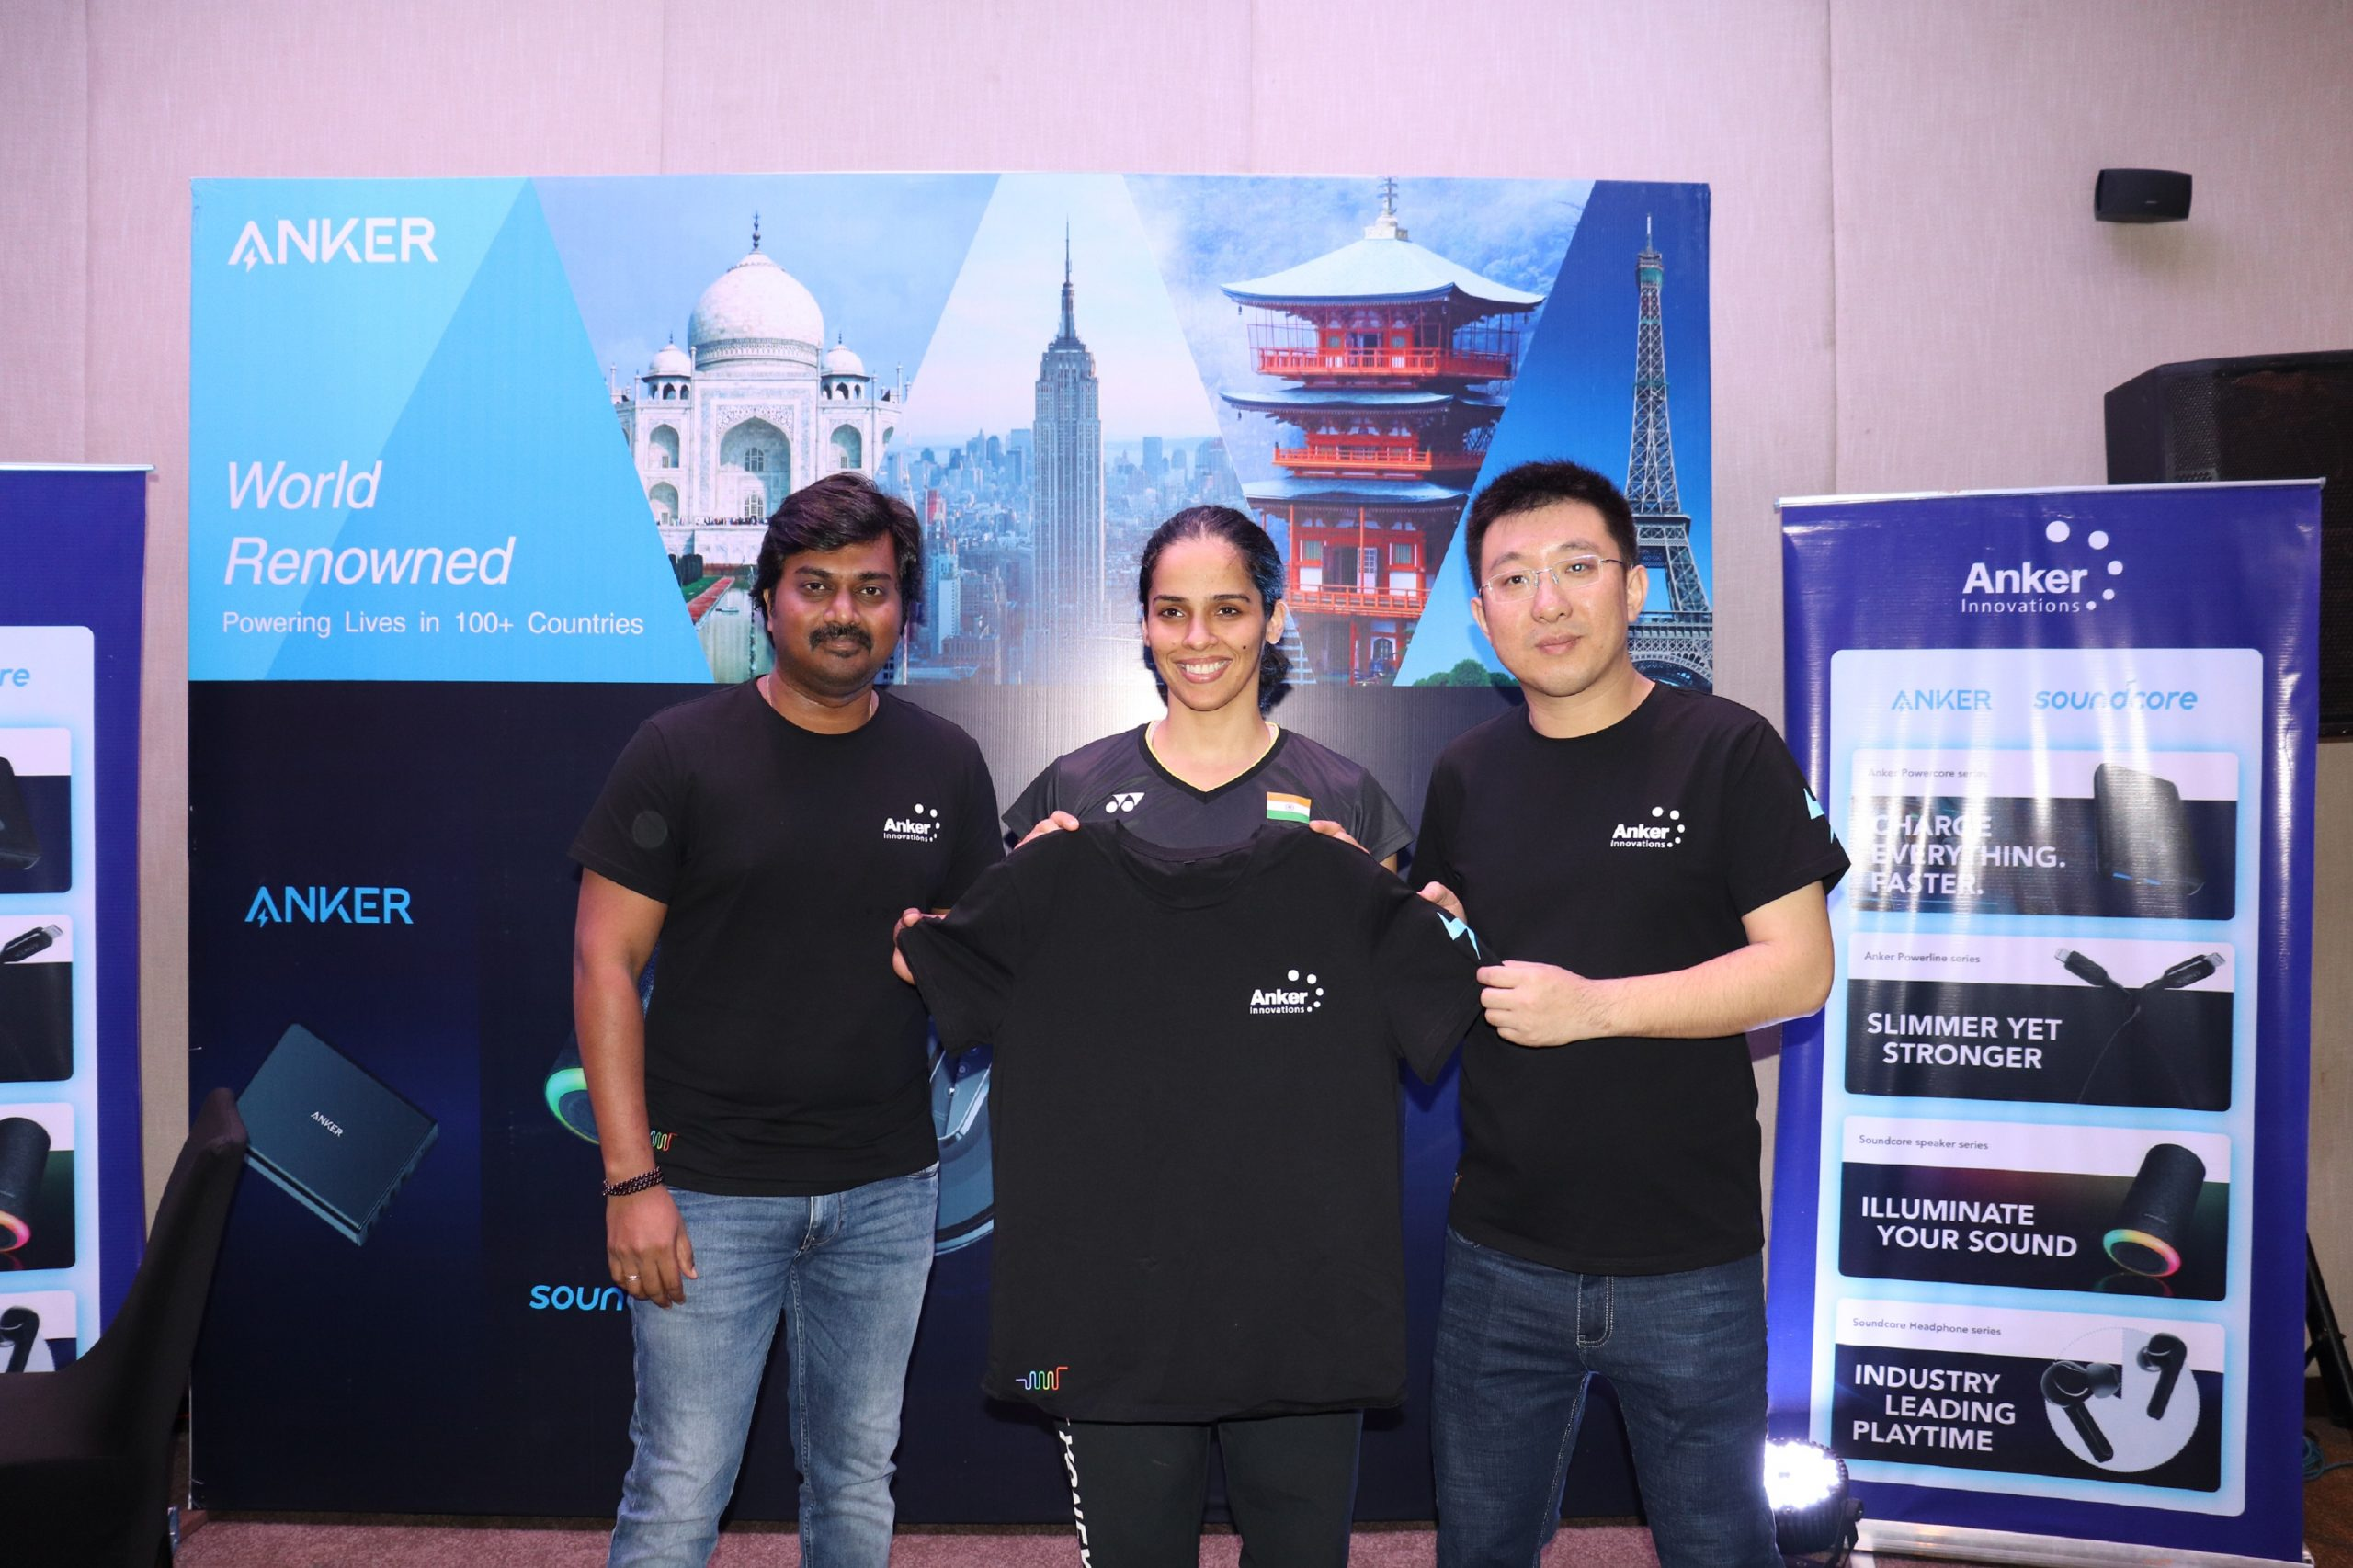 Anker Innovations signs Saina Nehwal as brand ambassador